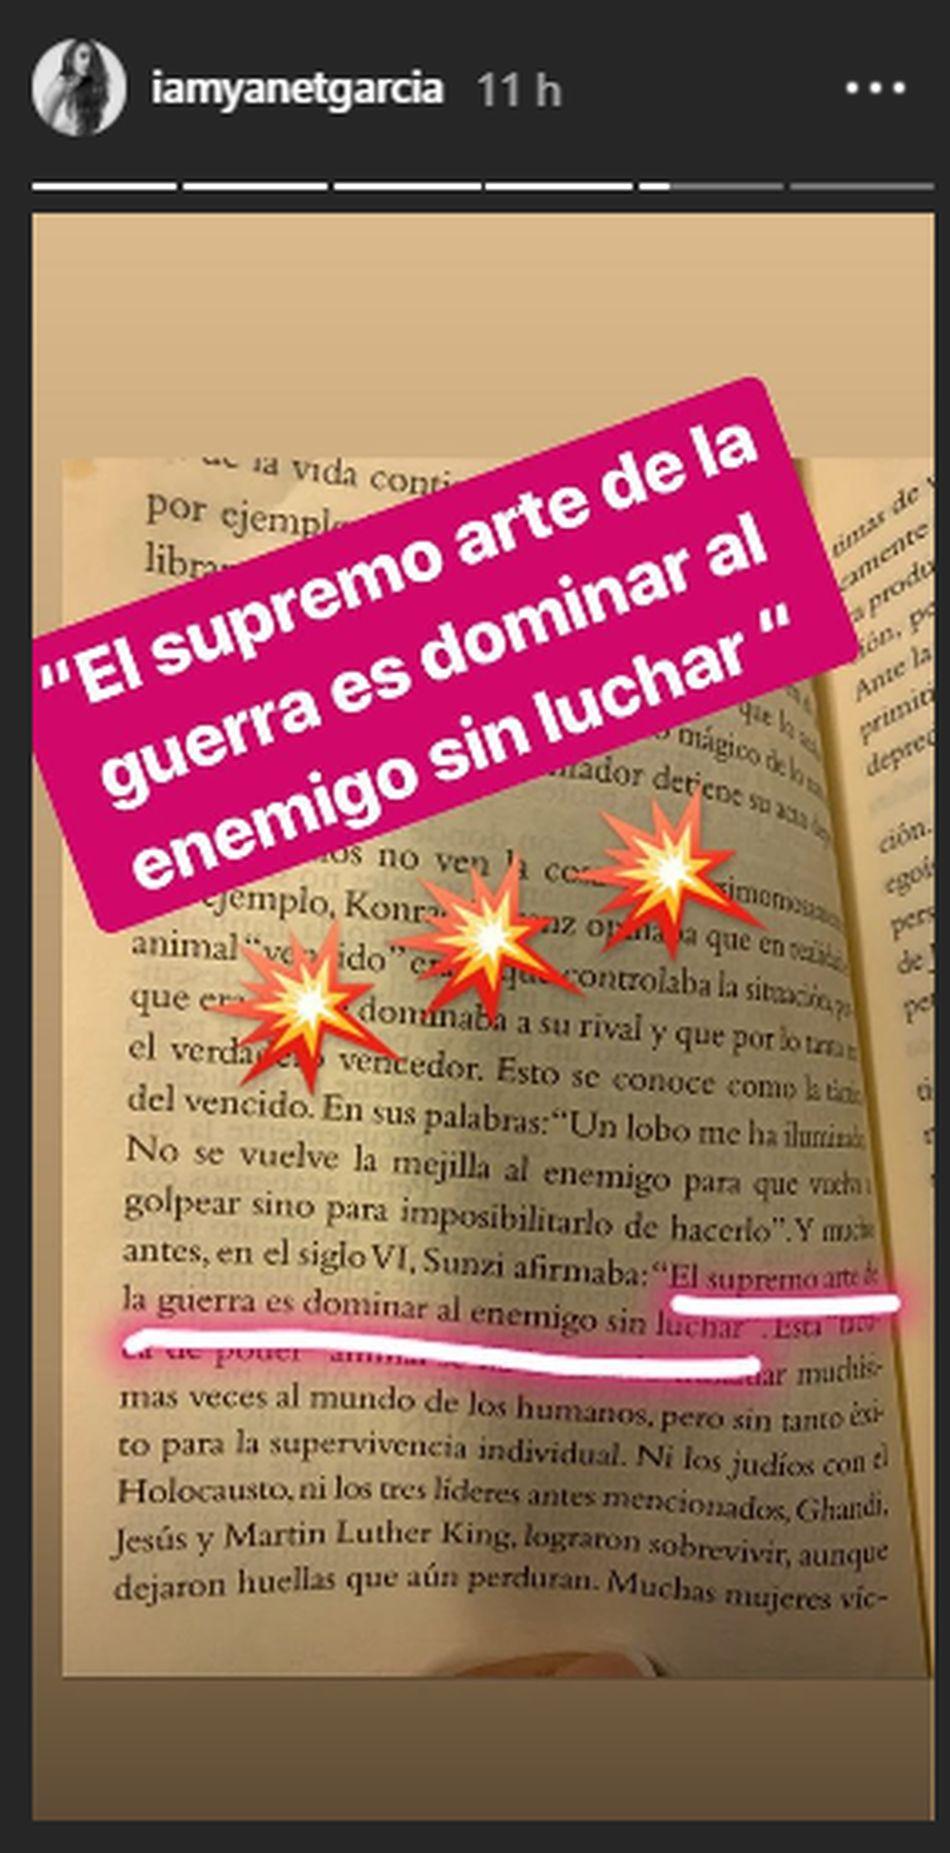 'El arte de la guerra' de Sun Tzu es el nuevo libro que está leyendo Yanet García. (Foto: Instagram)